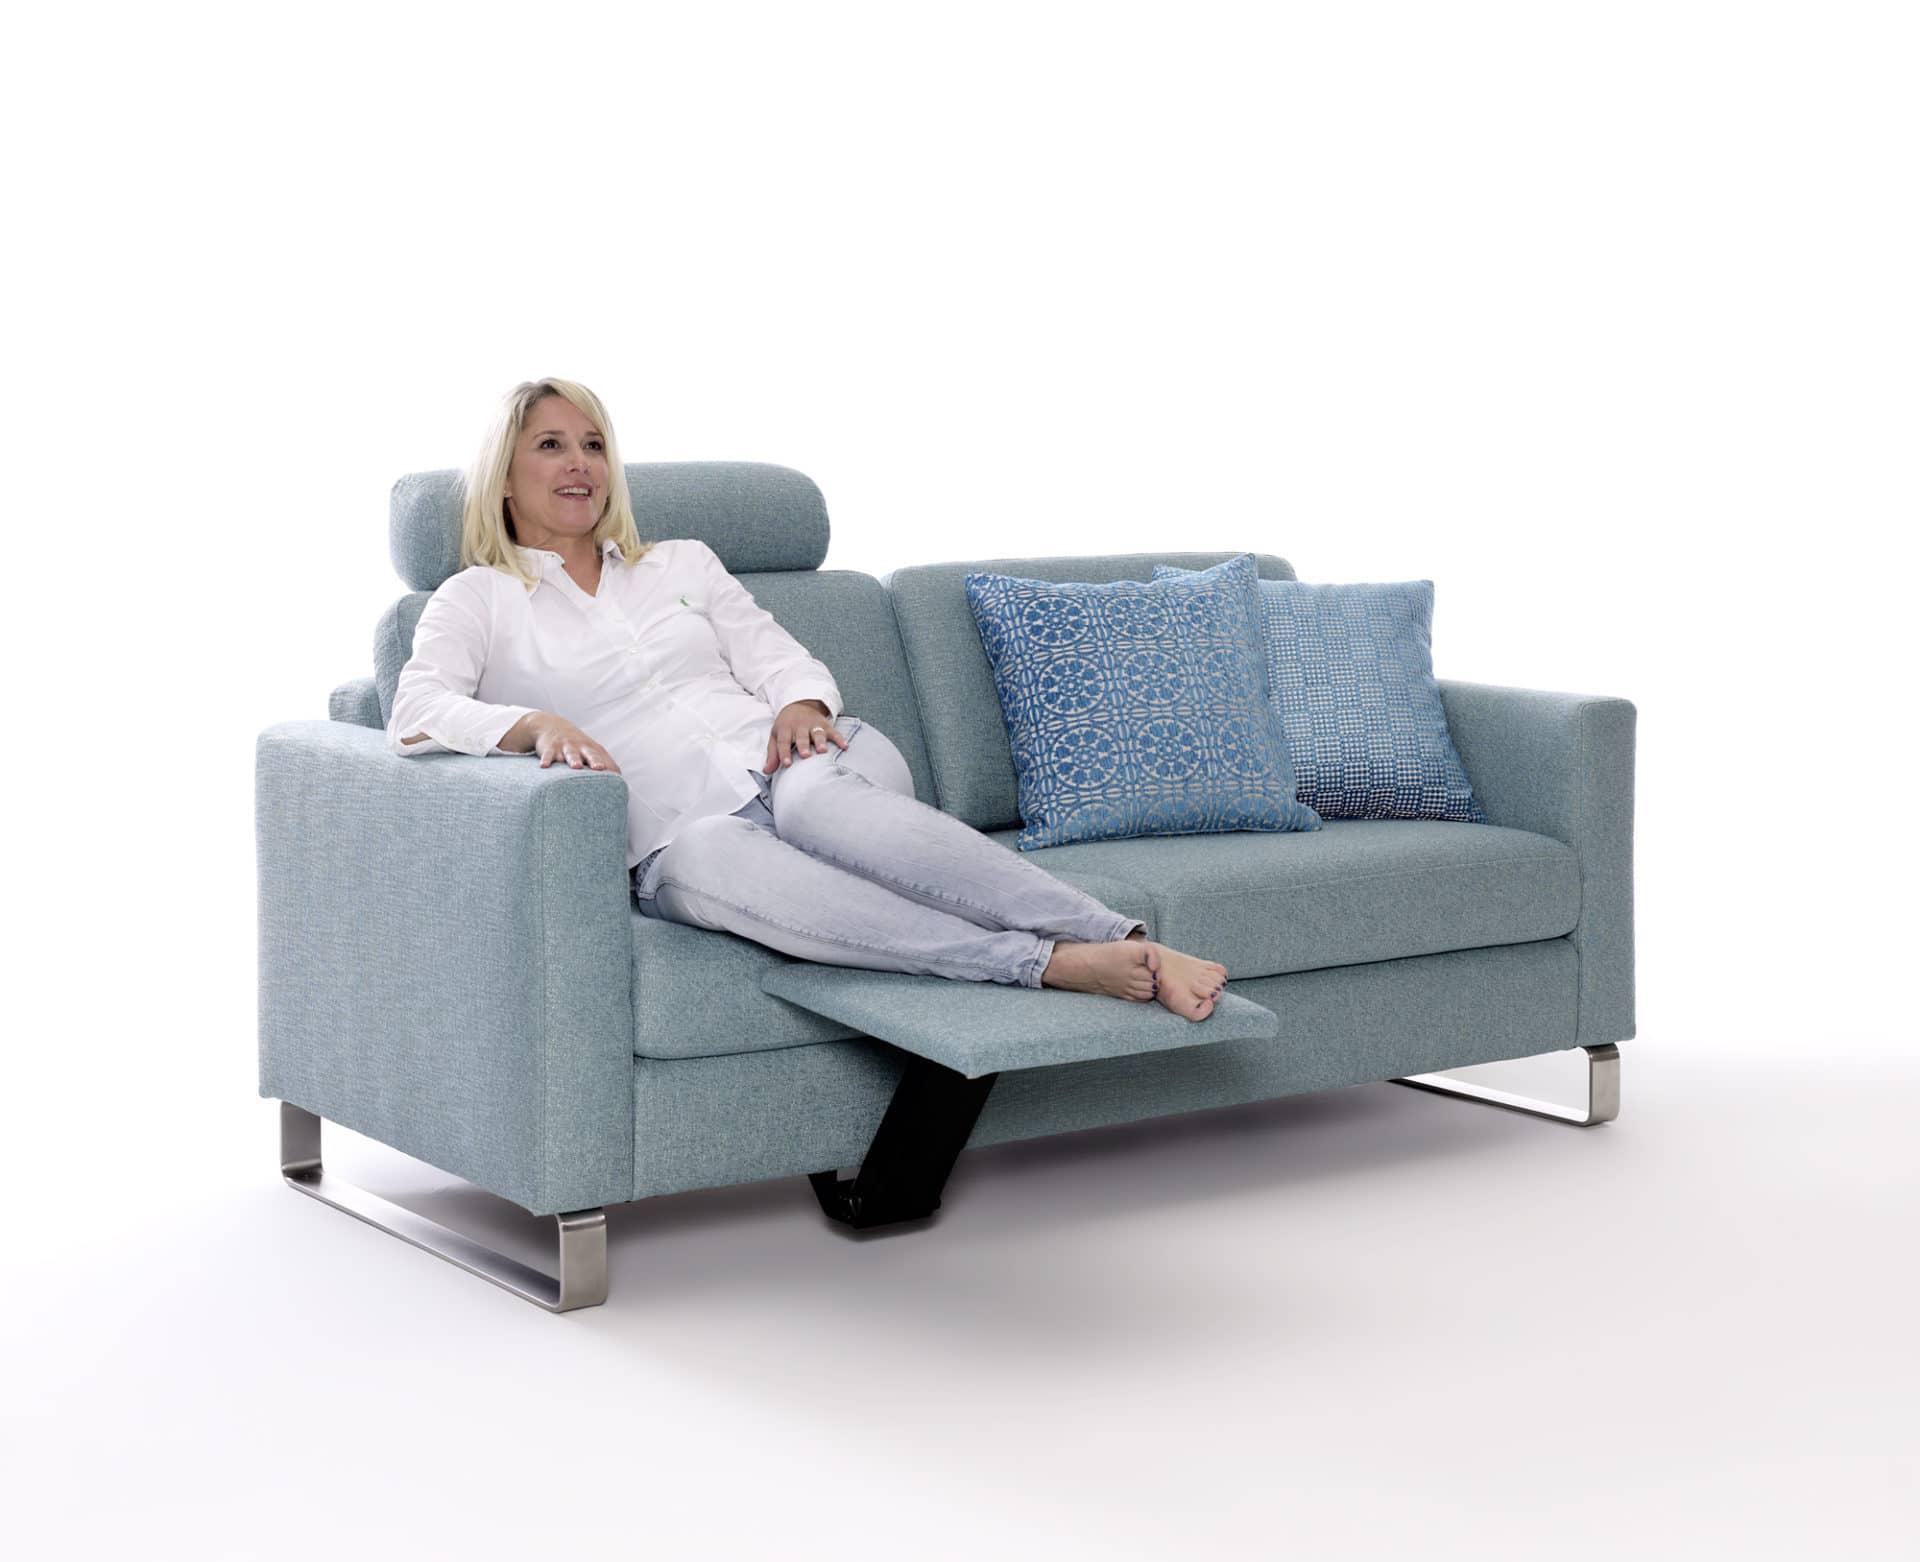 sofasystem siena ko control. Black Bedroom Furniture Sets. Home Design Ideas